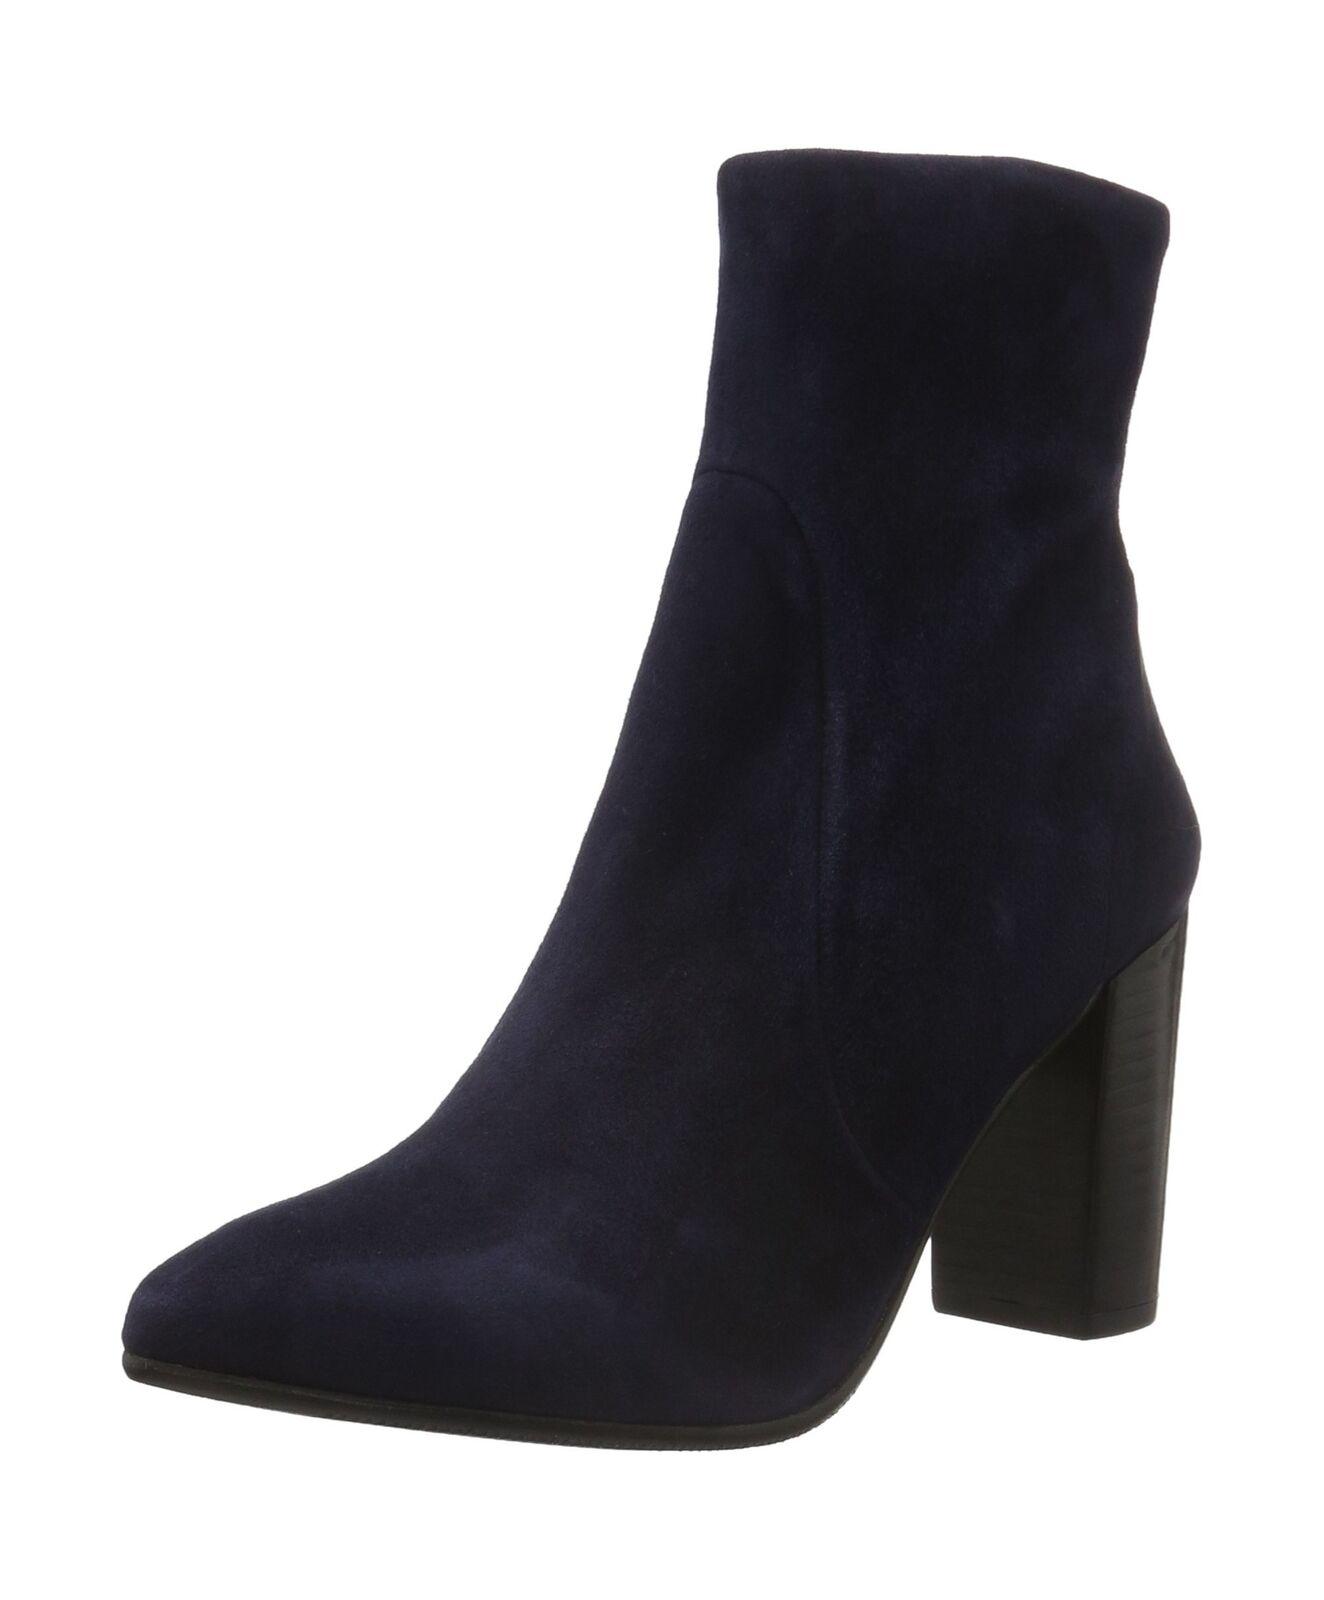 Descuento de la marca Buffalo Londres para mujer es 30757 Camurca Tobillo Botas Azul (Azul 65) 6.5 Reino Unido